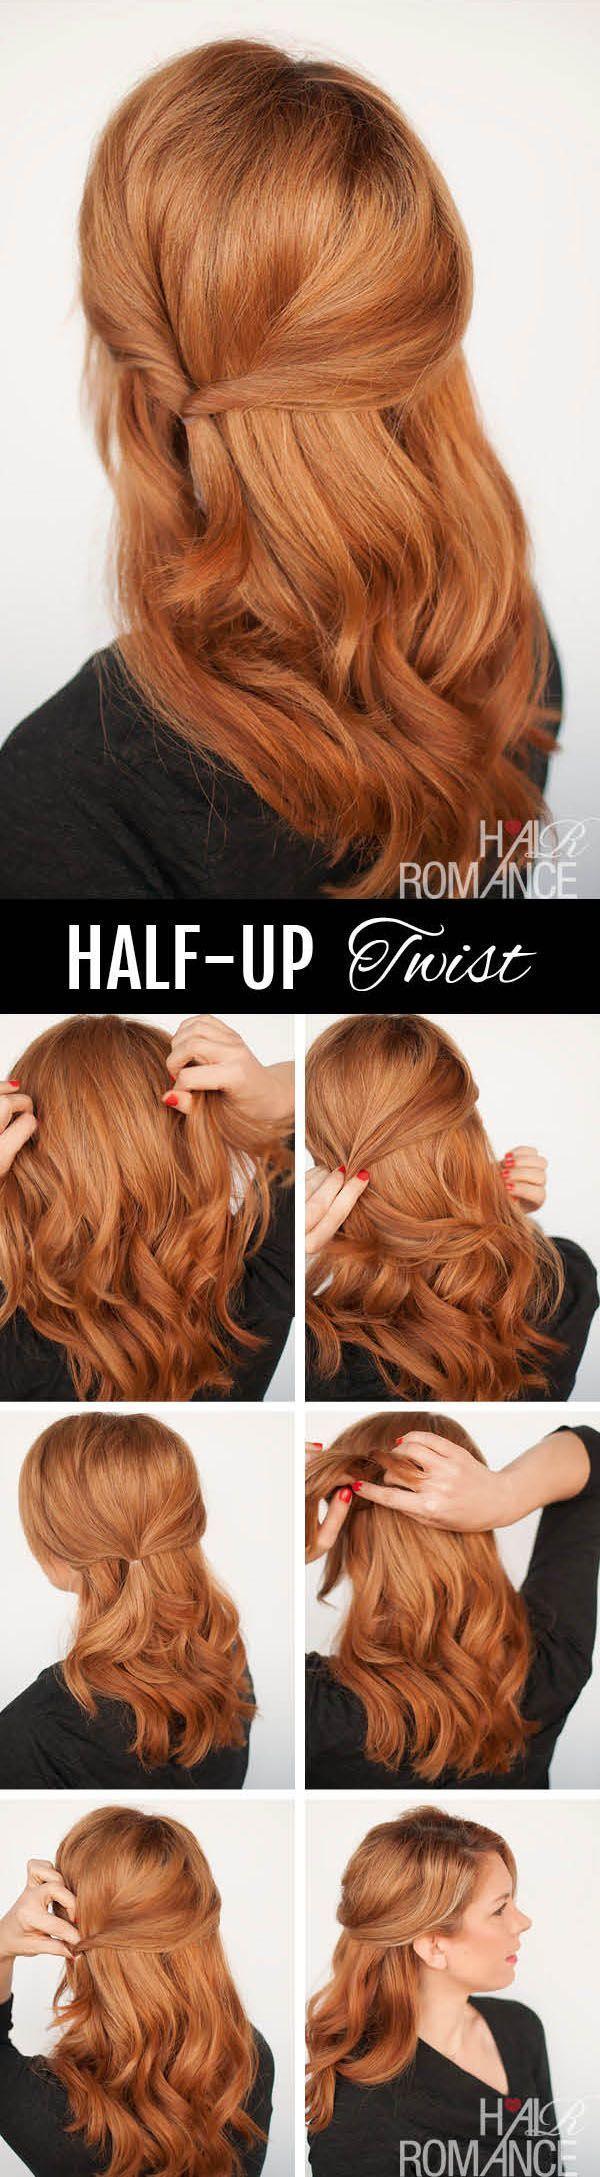 Hair Romance - Frisuren-Tutorial mit halber Drehung #Rotation #Frisur #Halbzeit #Romance #Tutorial, ...